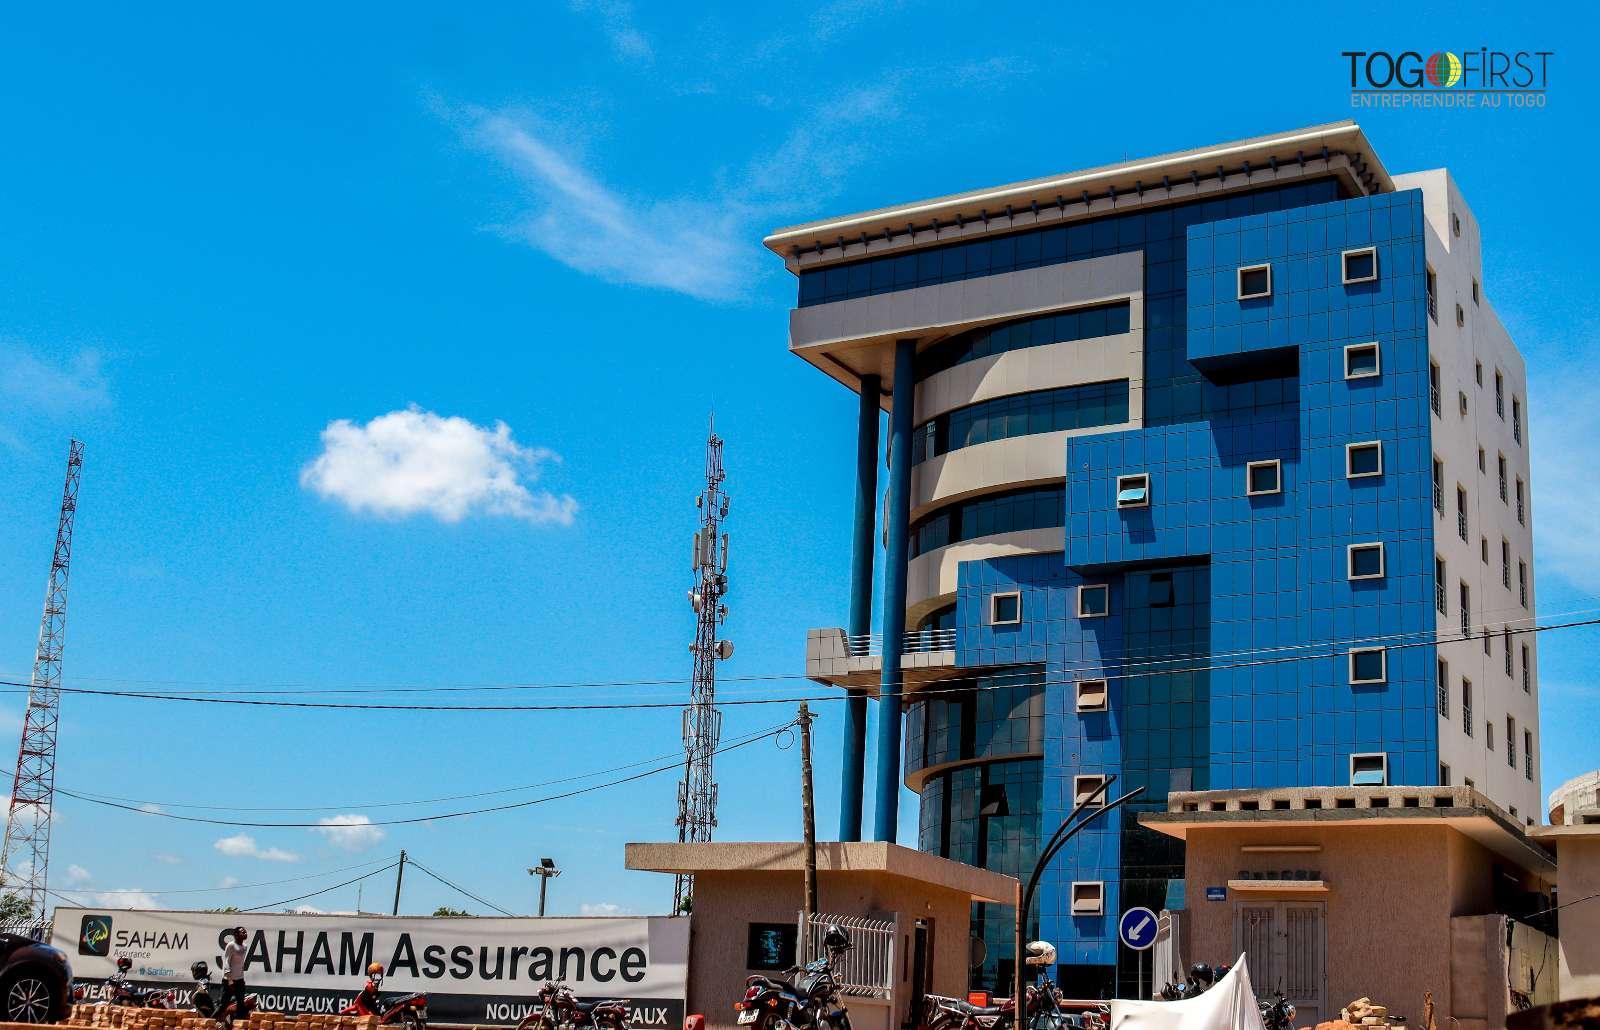 Saham Assurance Togo